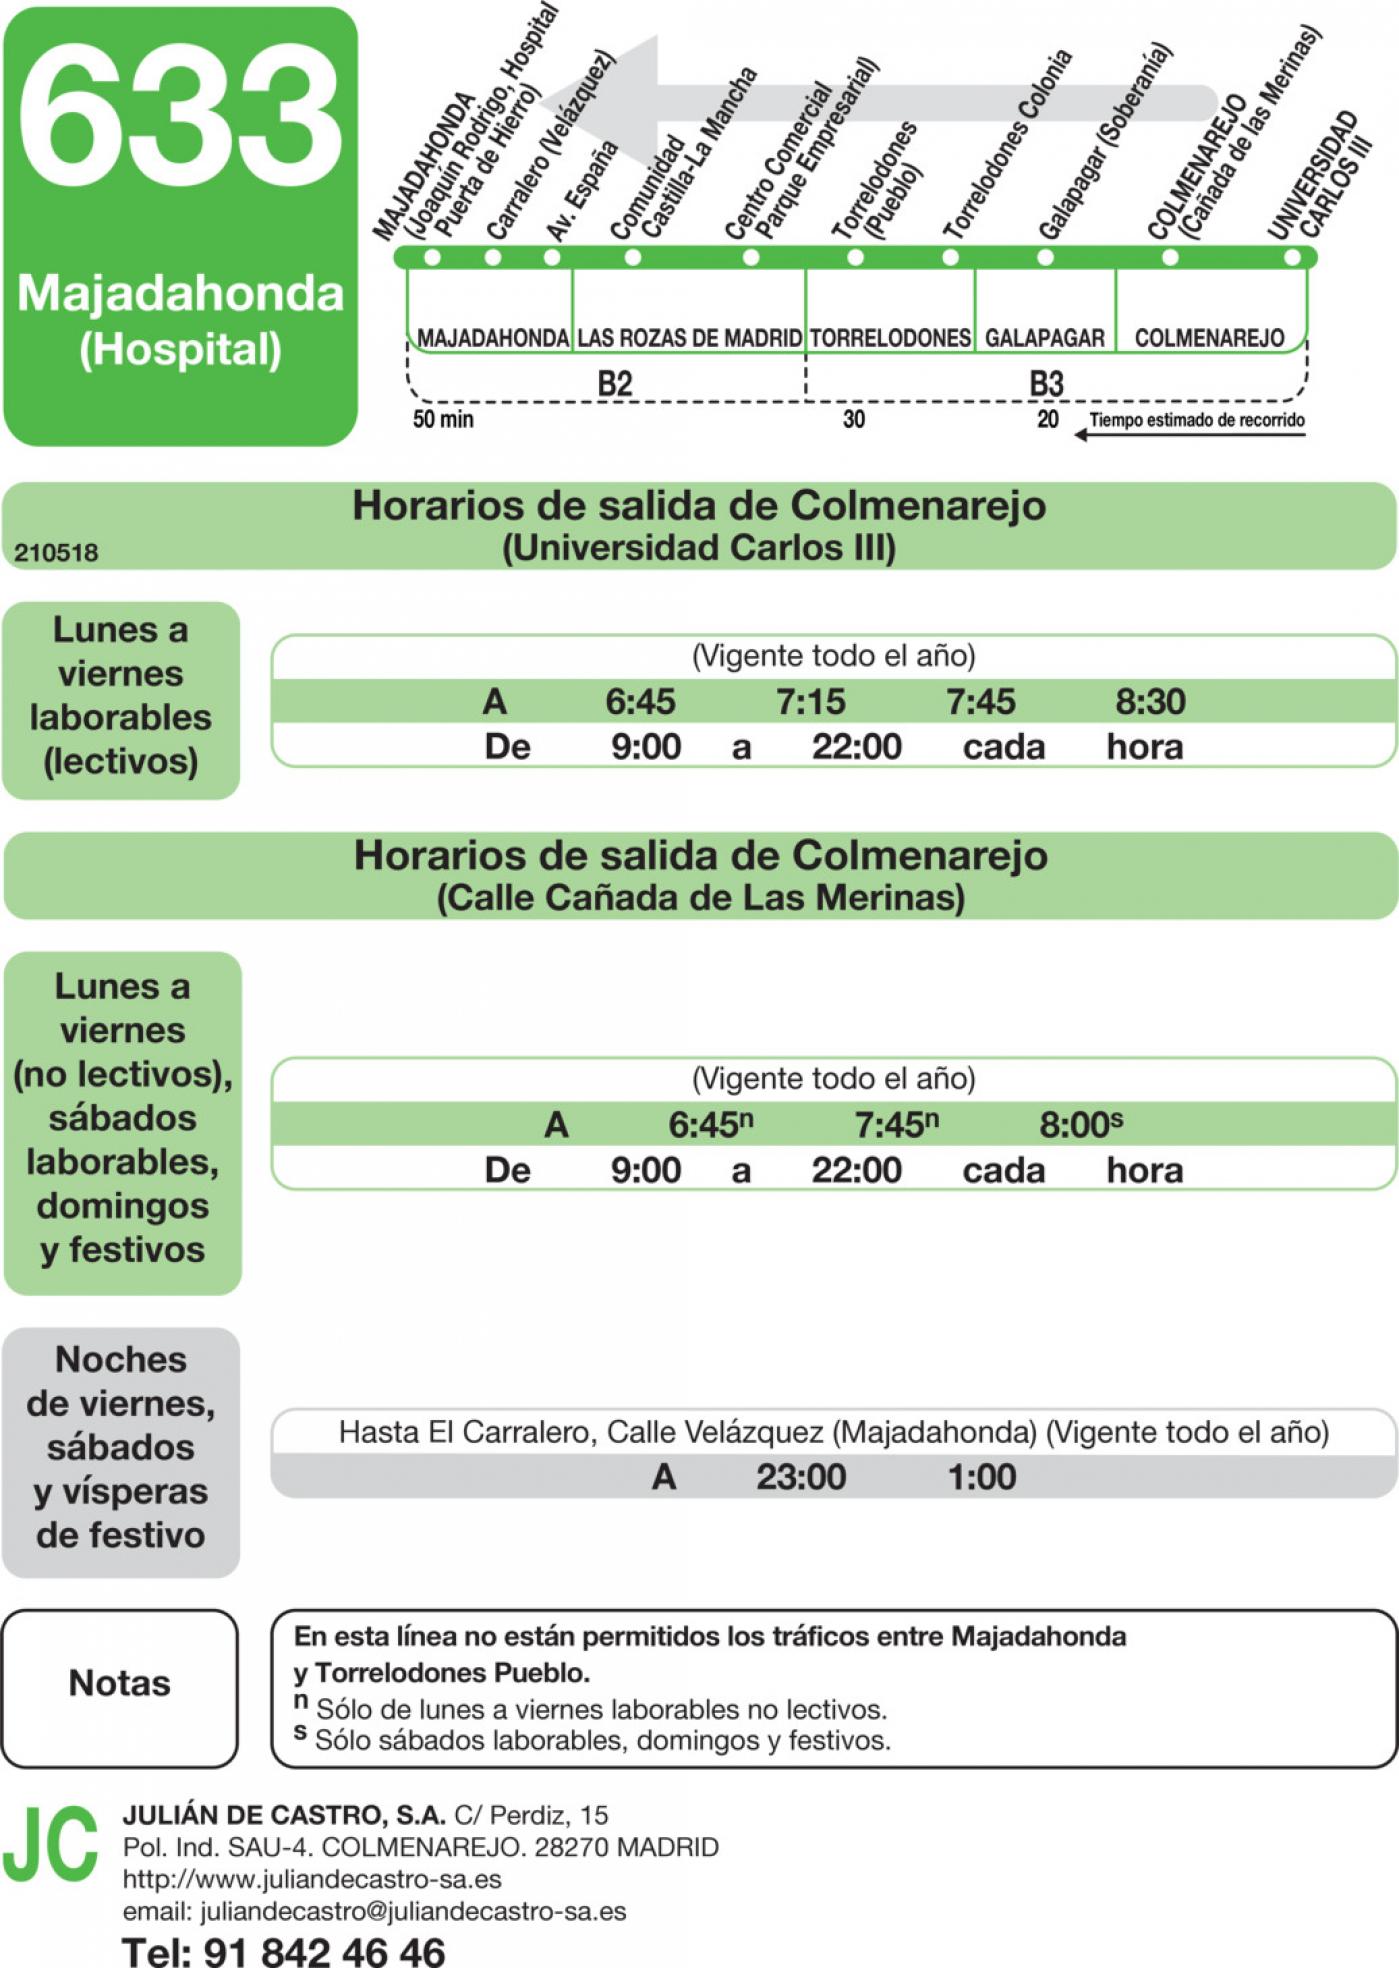 Tabla de horarios y frecuencias de paso en sentido vuelta Línea 633: Majadahonda (Hospital) - Colmenarejo